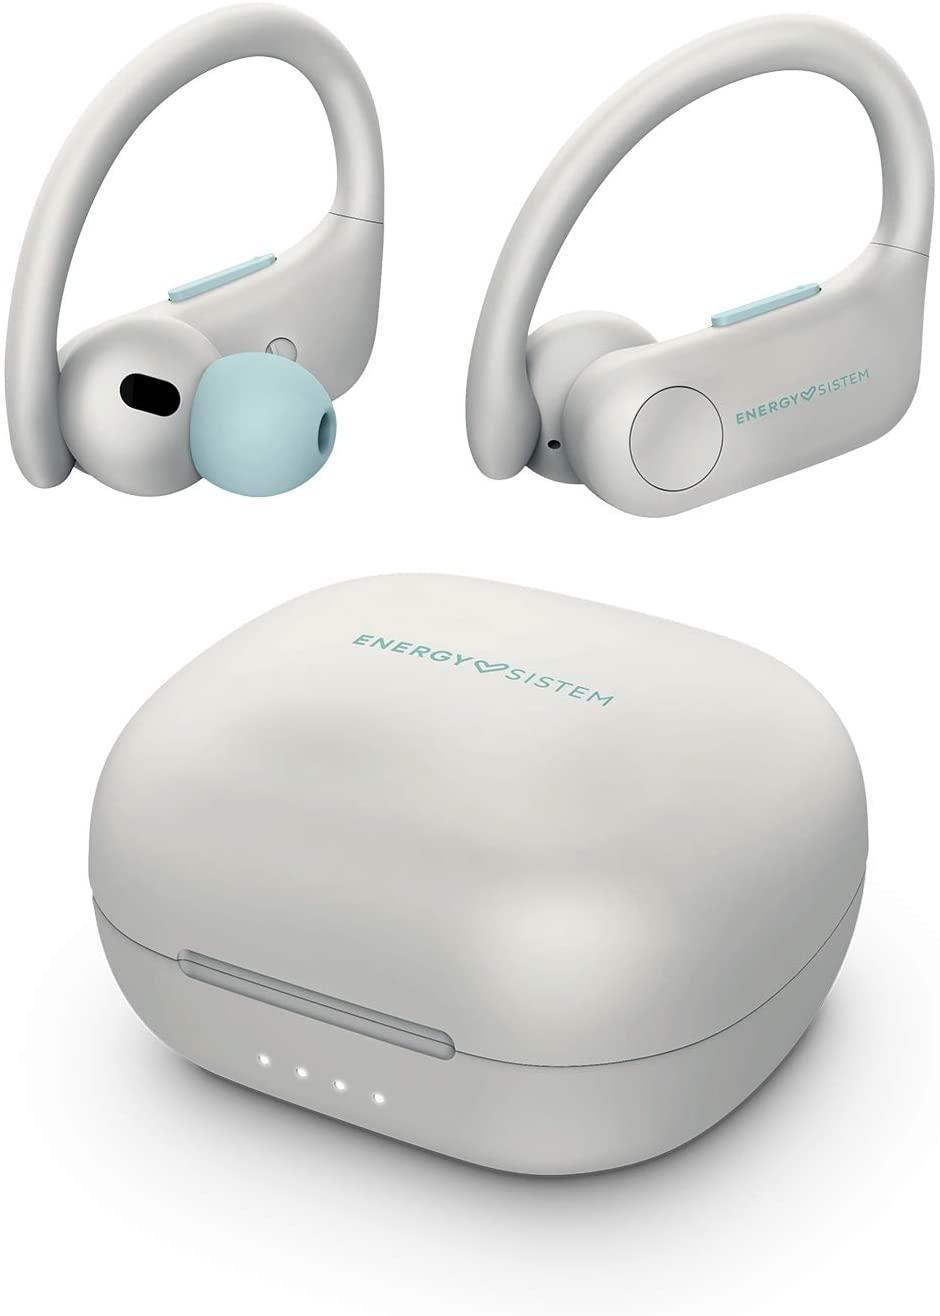 Auriculares inalámbricos Energy Sistem Sport 5